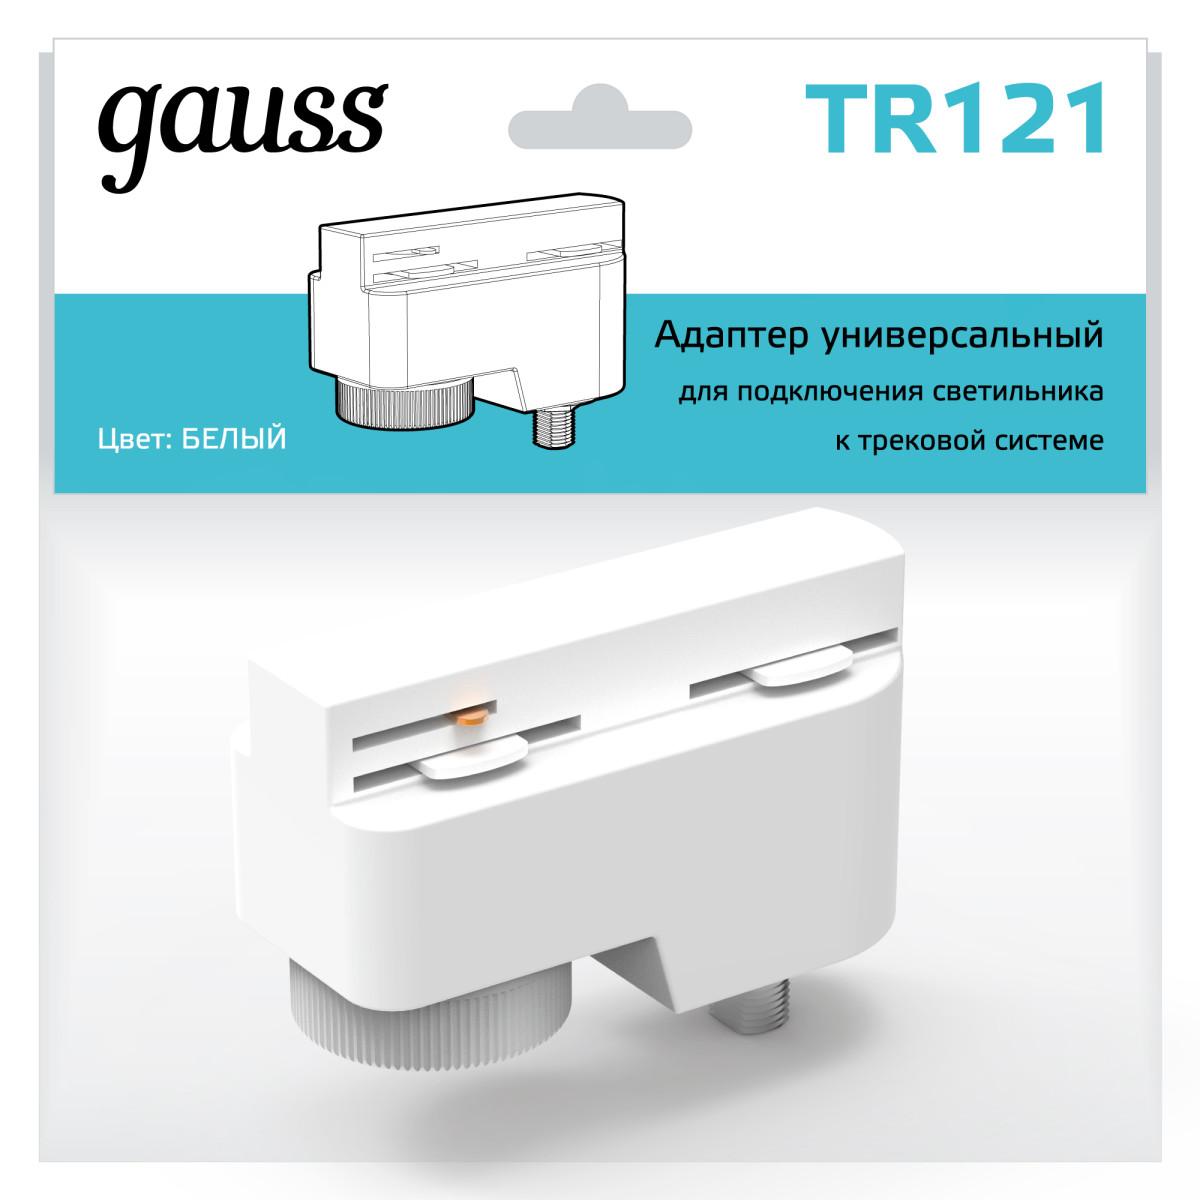 Адаптер универсальный Gauss для трековой системы цвет белый